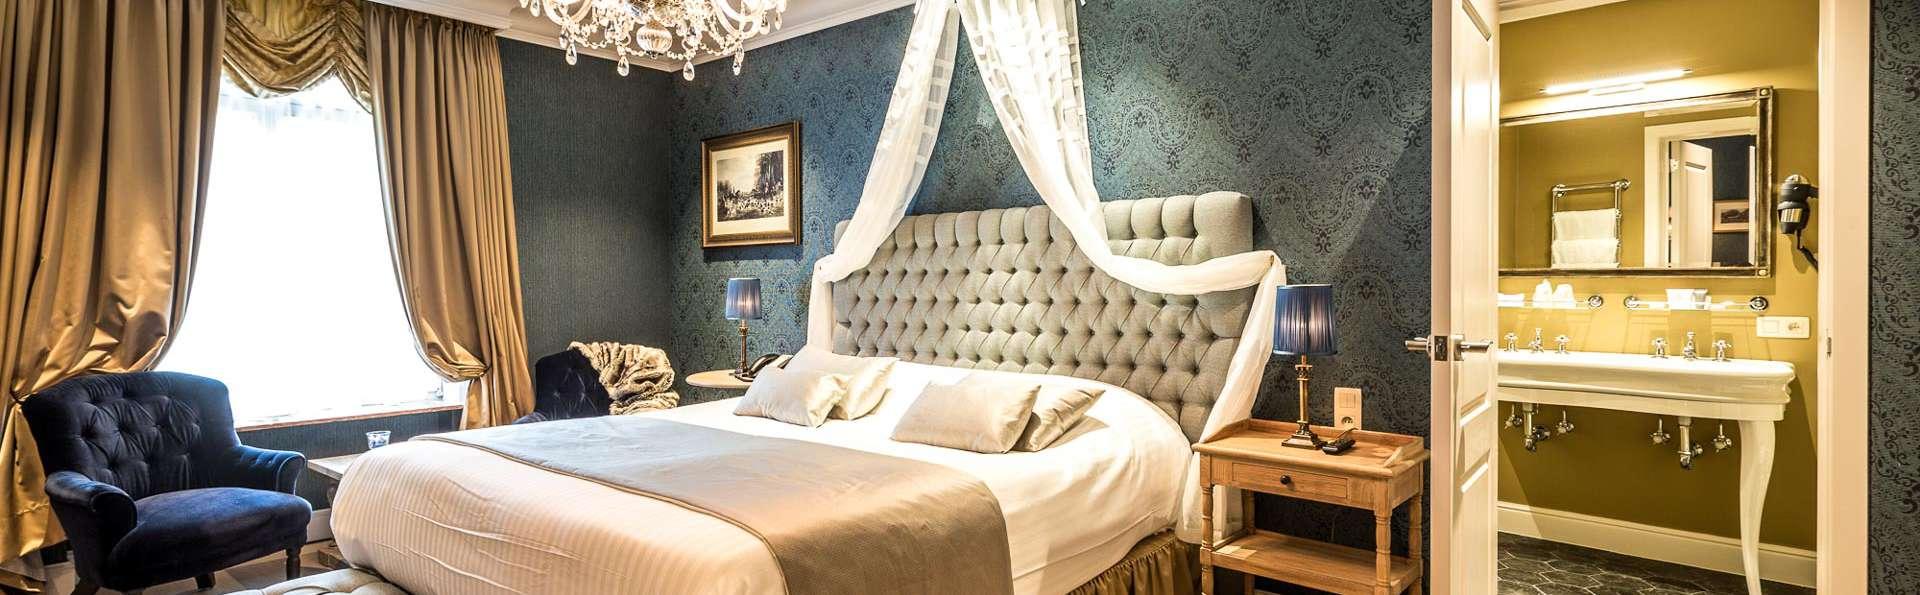 Luxe et romantique : l'alliance idéale au cœur de la ville de Bruges